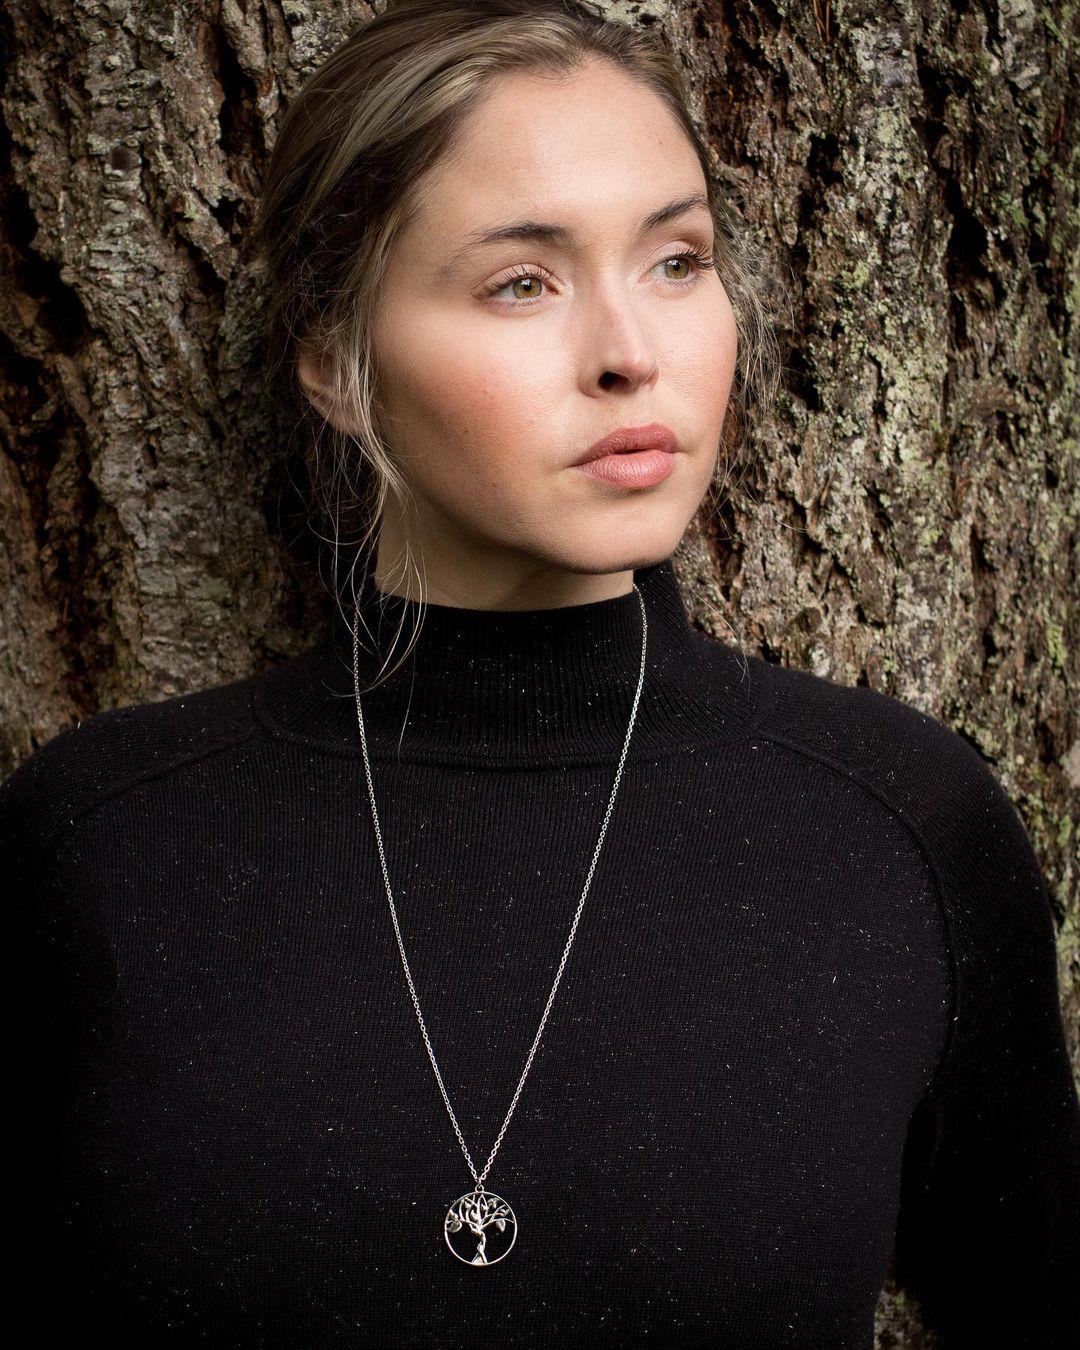 Natalie-Krill